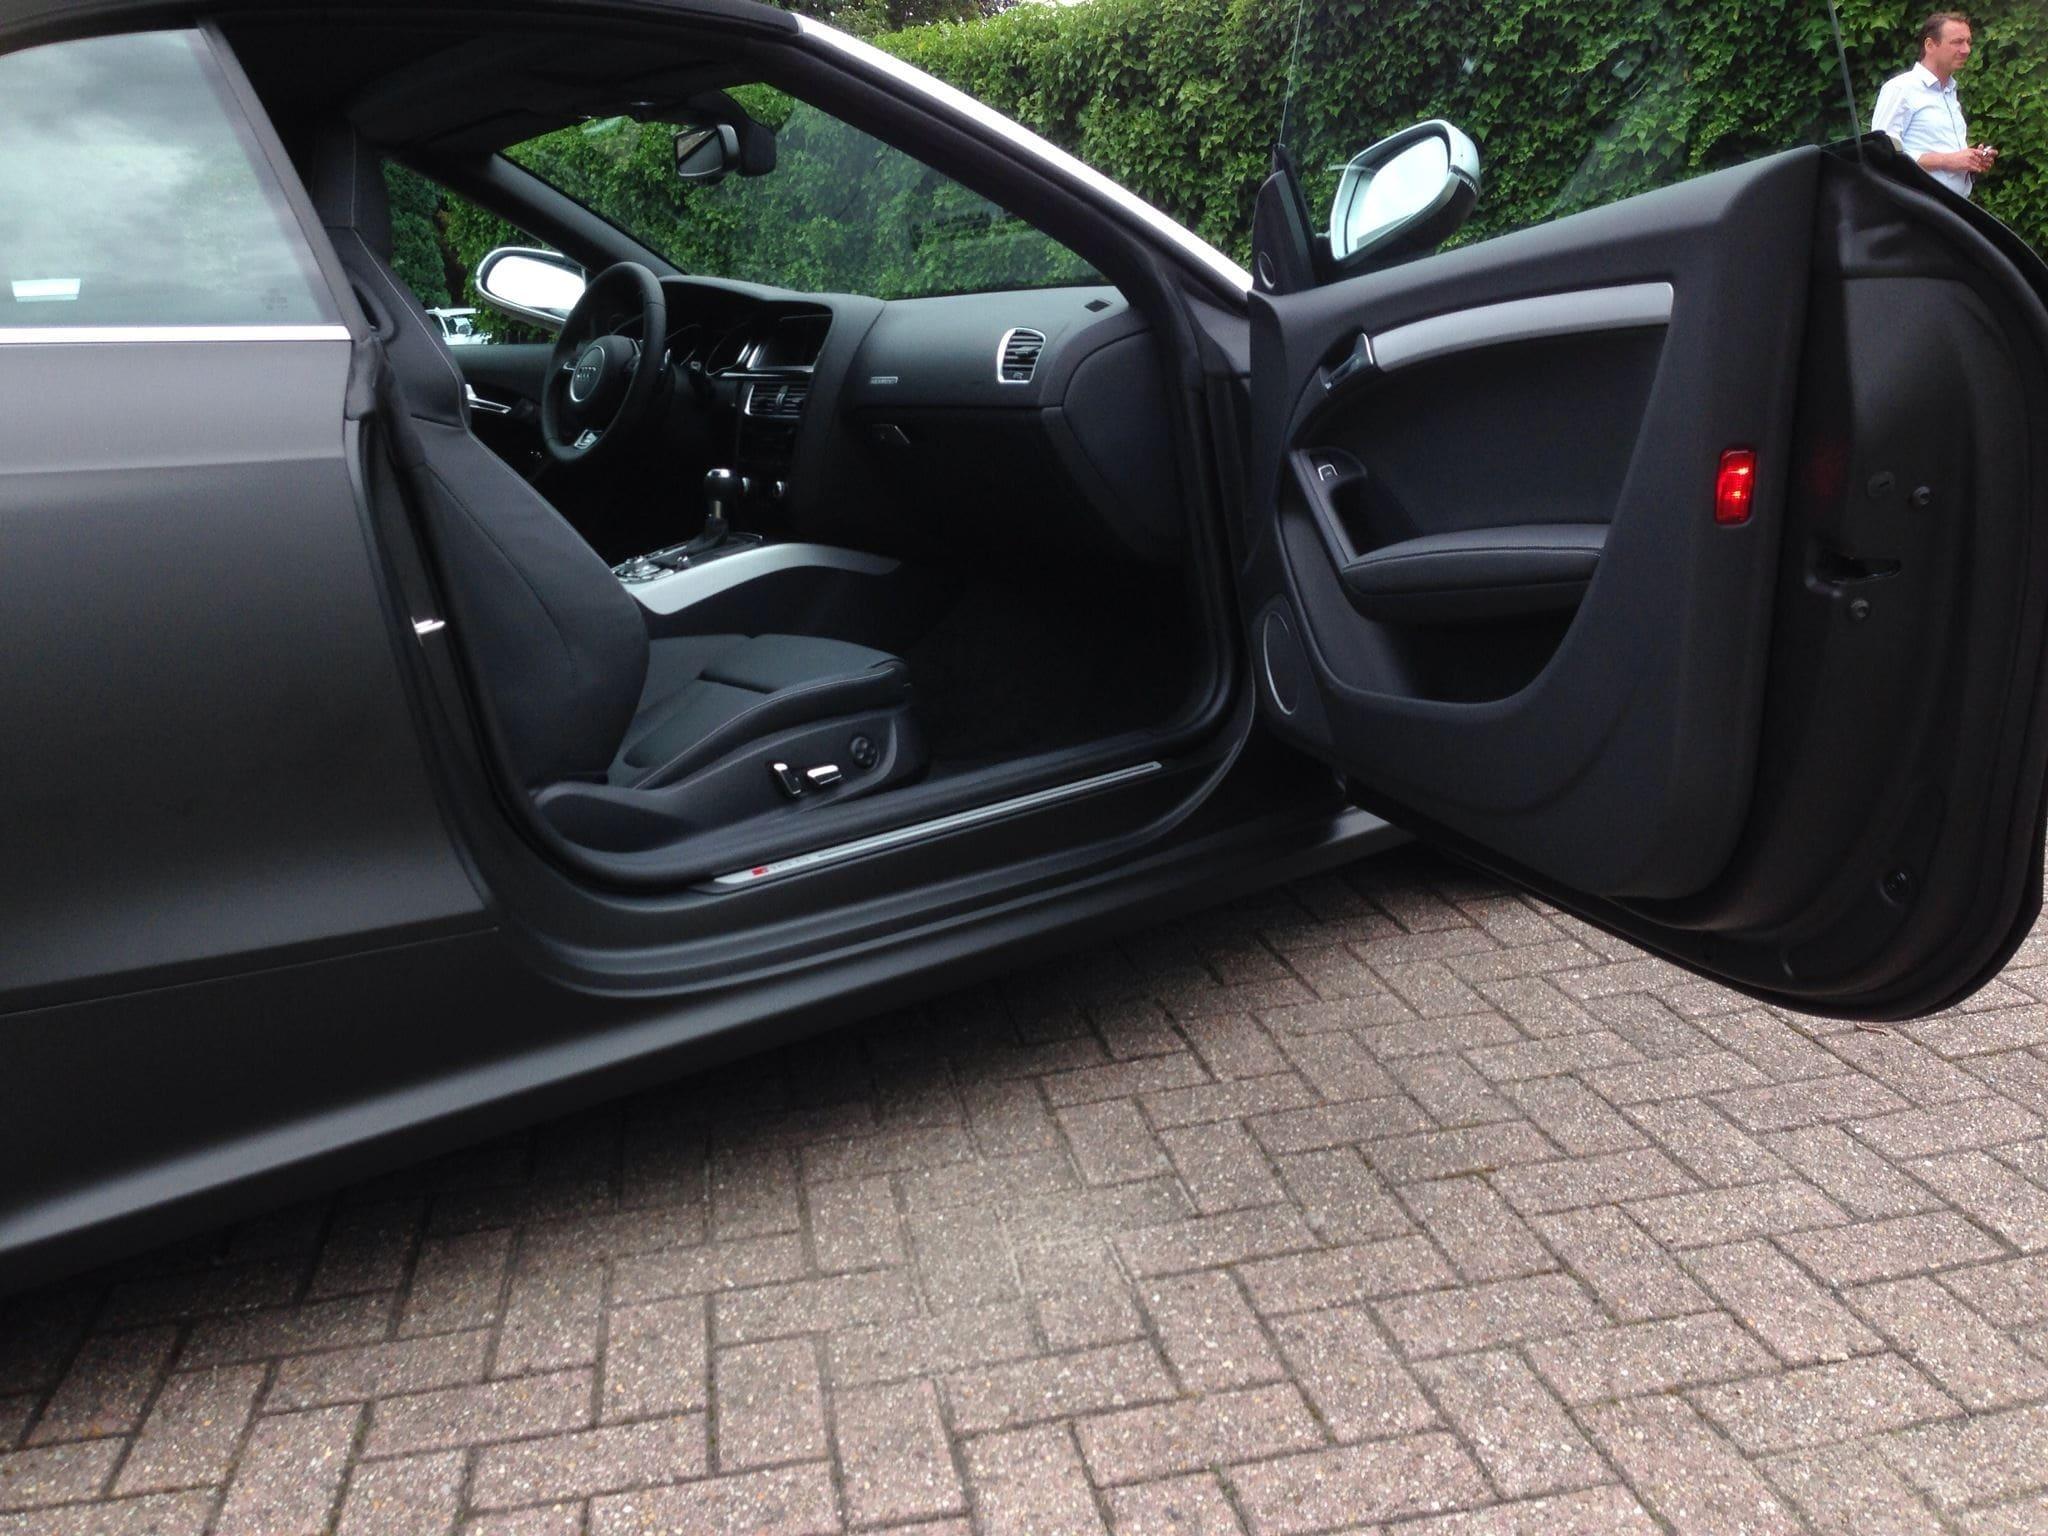 Audi RS5 Cabrio met Mat Zwarte Wrap, Carwrapping door Wrapmyride.nu Foto-nr:5068, ©2021